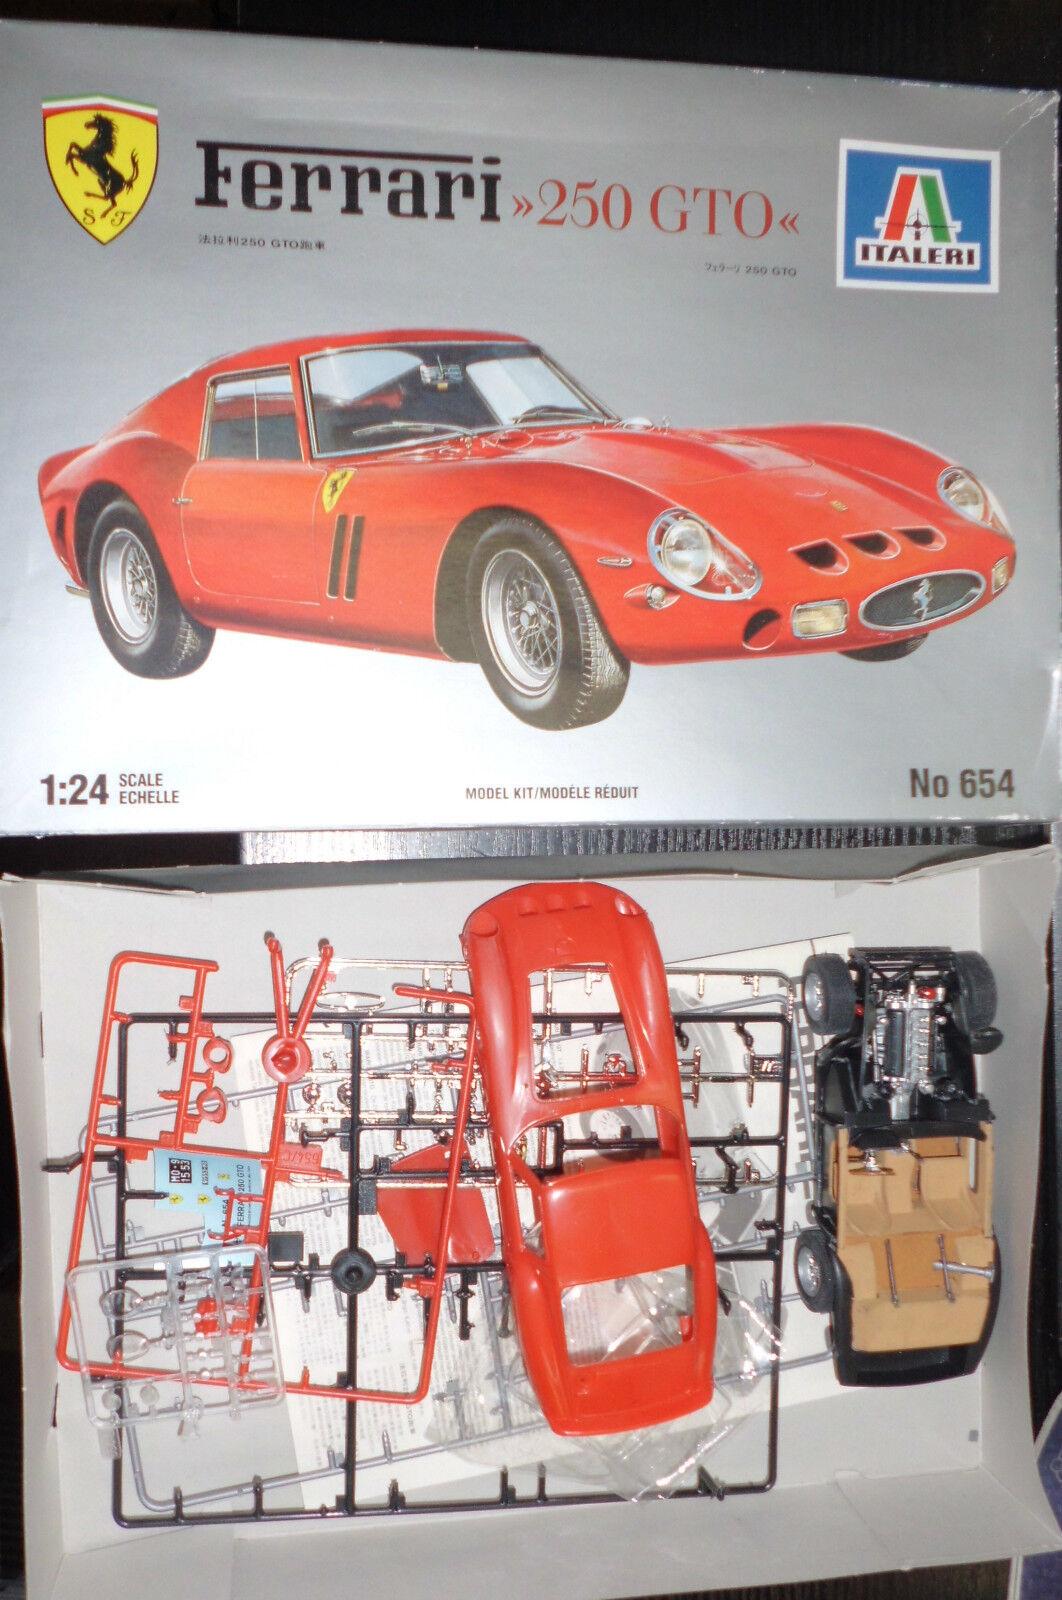 ITALERI FERRARI 250 GTO 124 modellololo modellololo di auto modellololo kit auto No 654